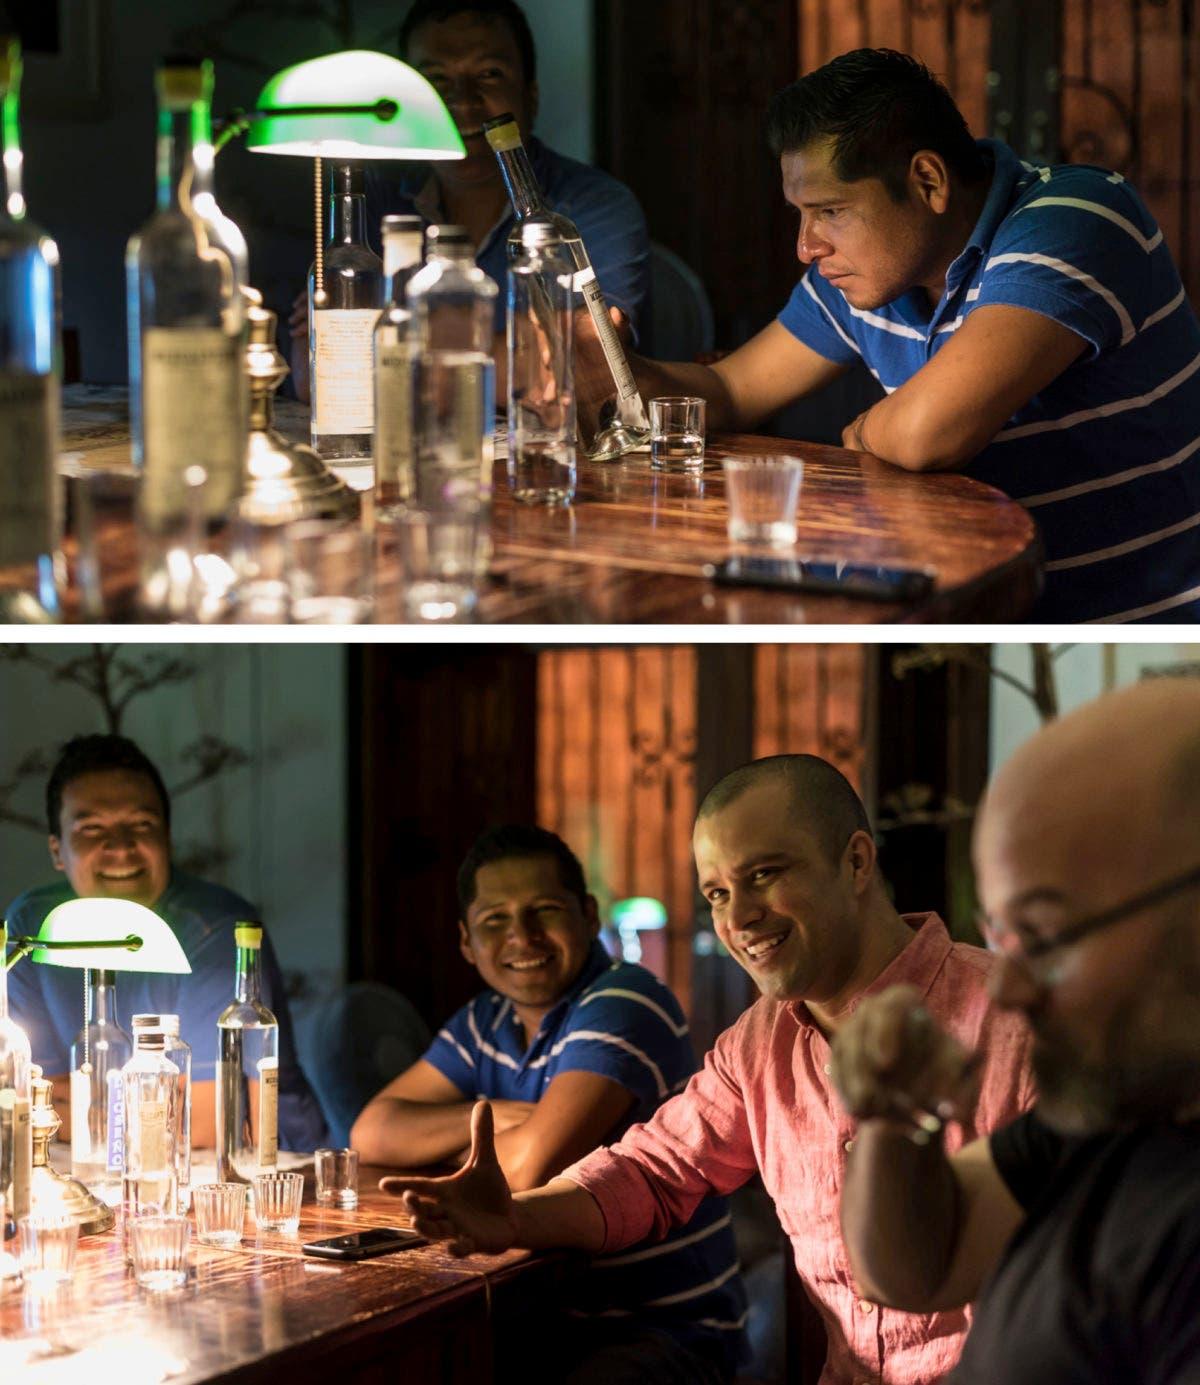 Männer lesen Etikette der Alkoholflaschen und reden miteinander